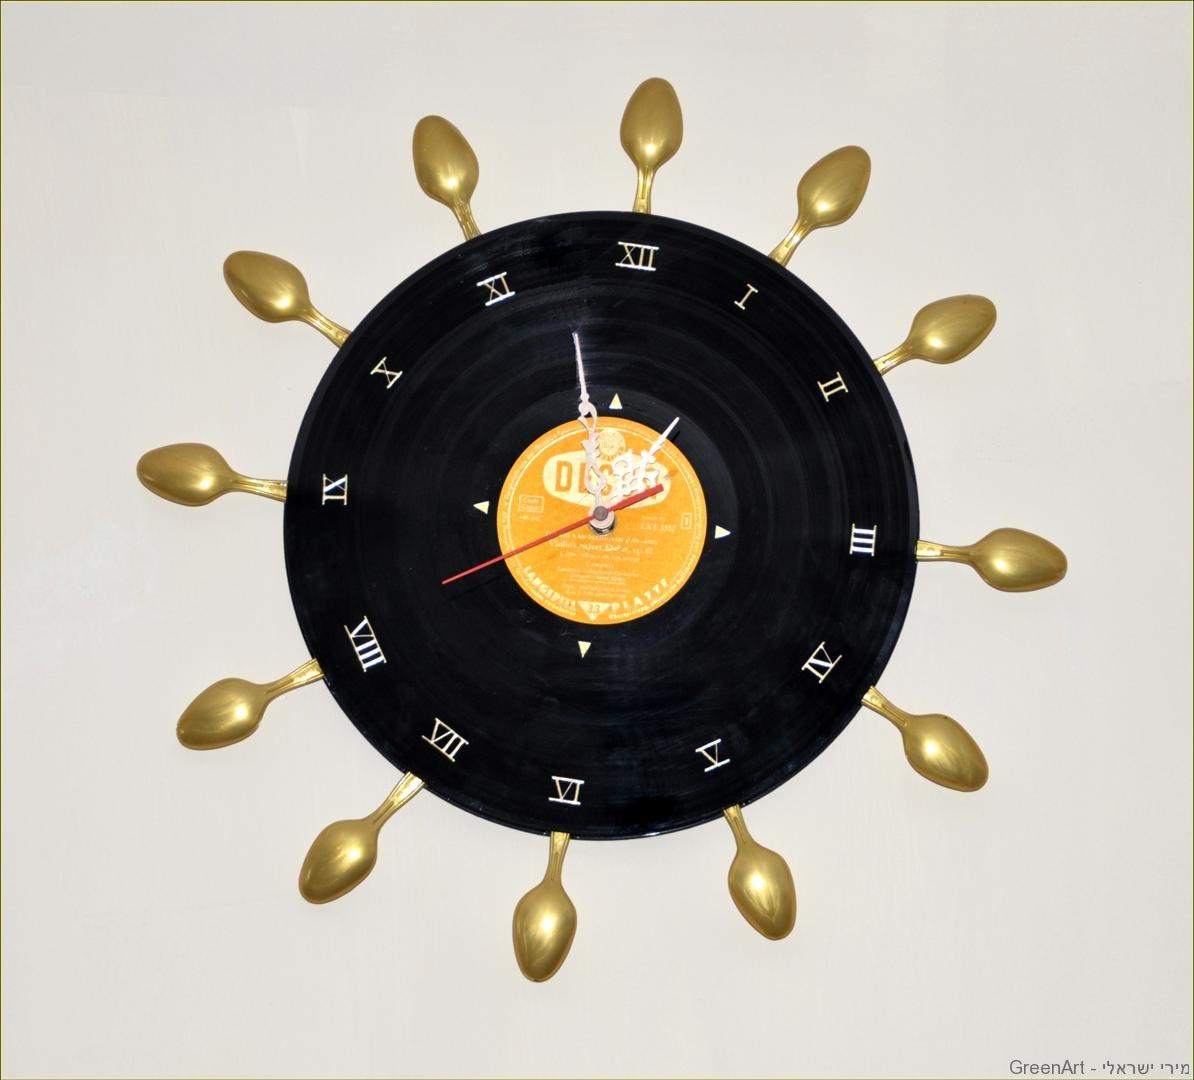 שעון קיר מכפיות חד פעמיות ותקליט ישן- אמנות אקולוגית ECO ART